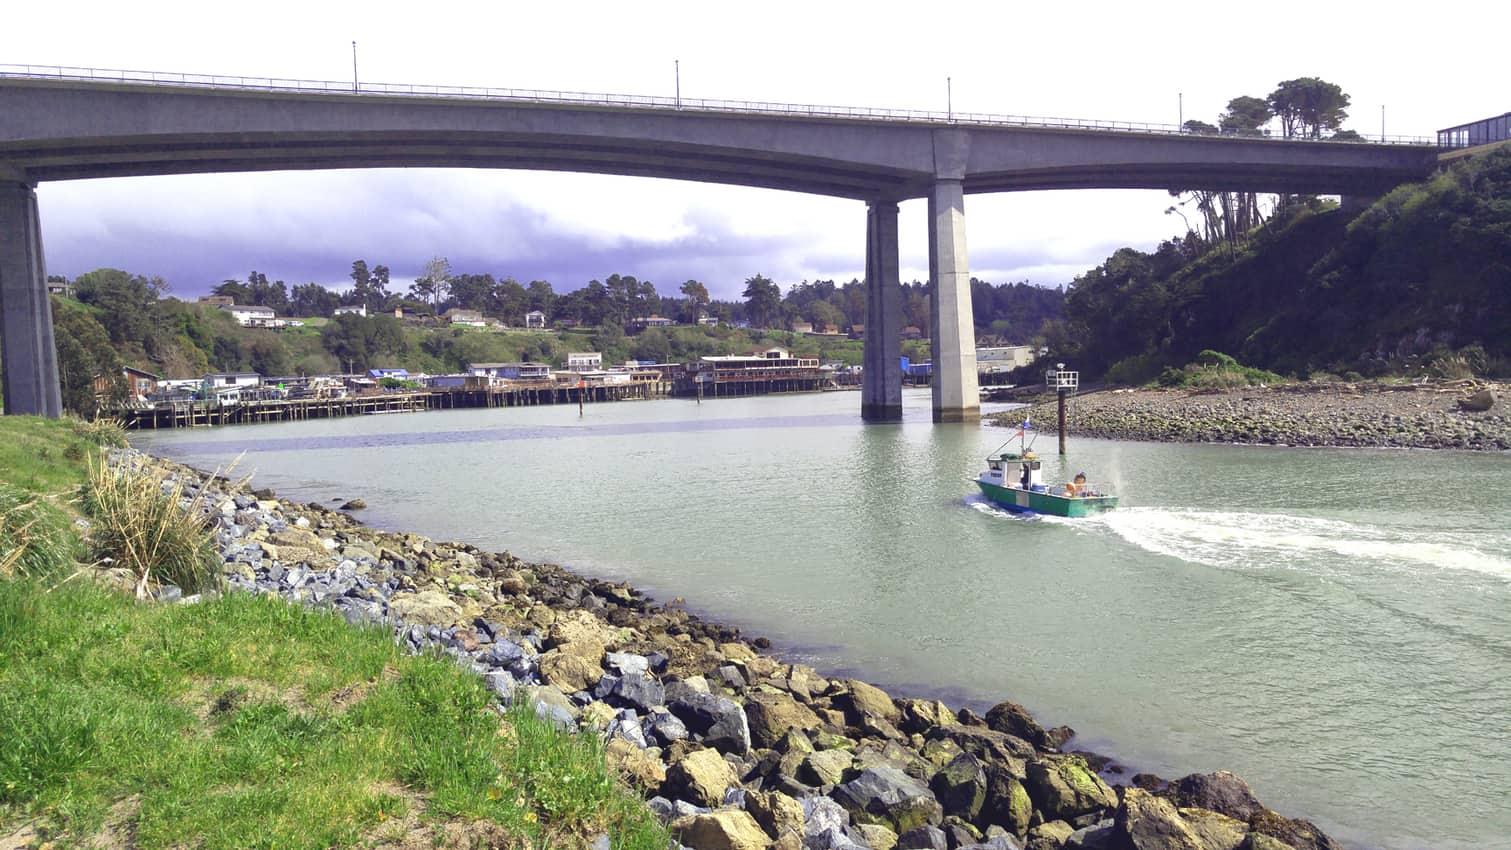 Noyo River Bridge and Noyo Harbor, Fort Bragg CA.